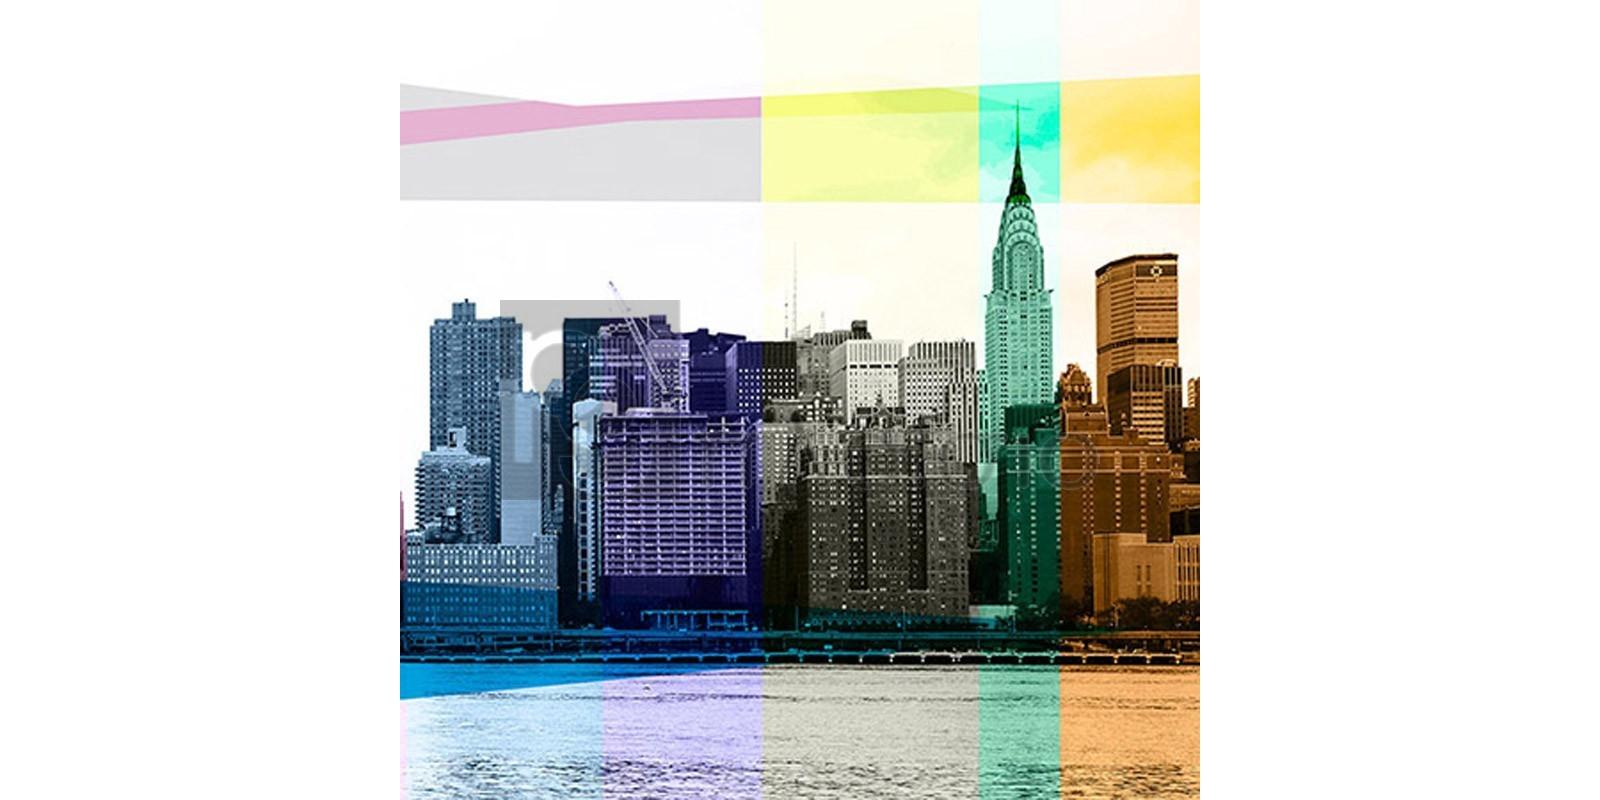 Big City Photos - Heart of a City II